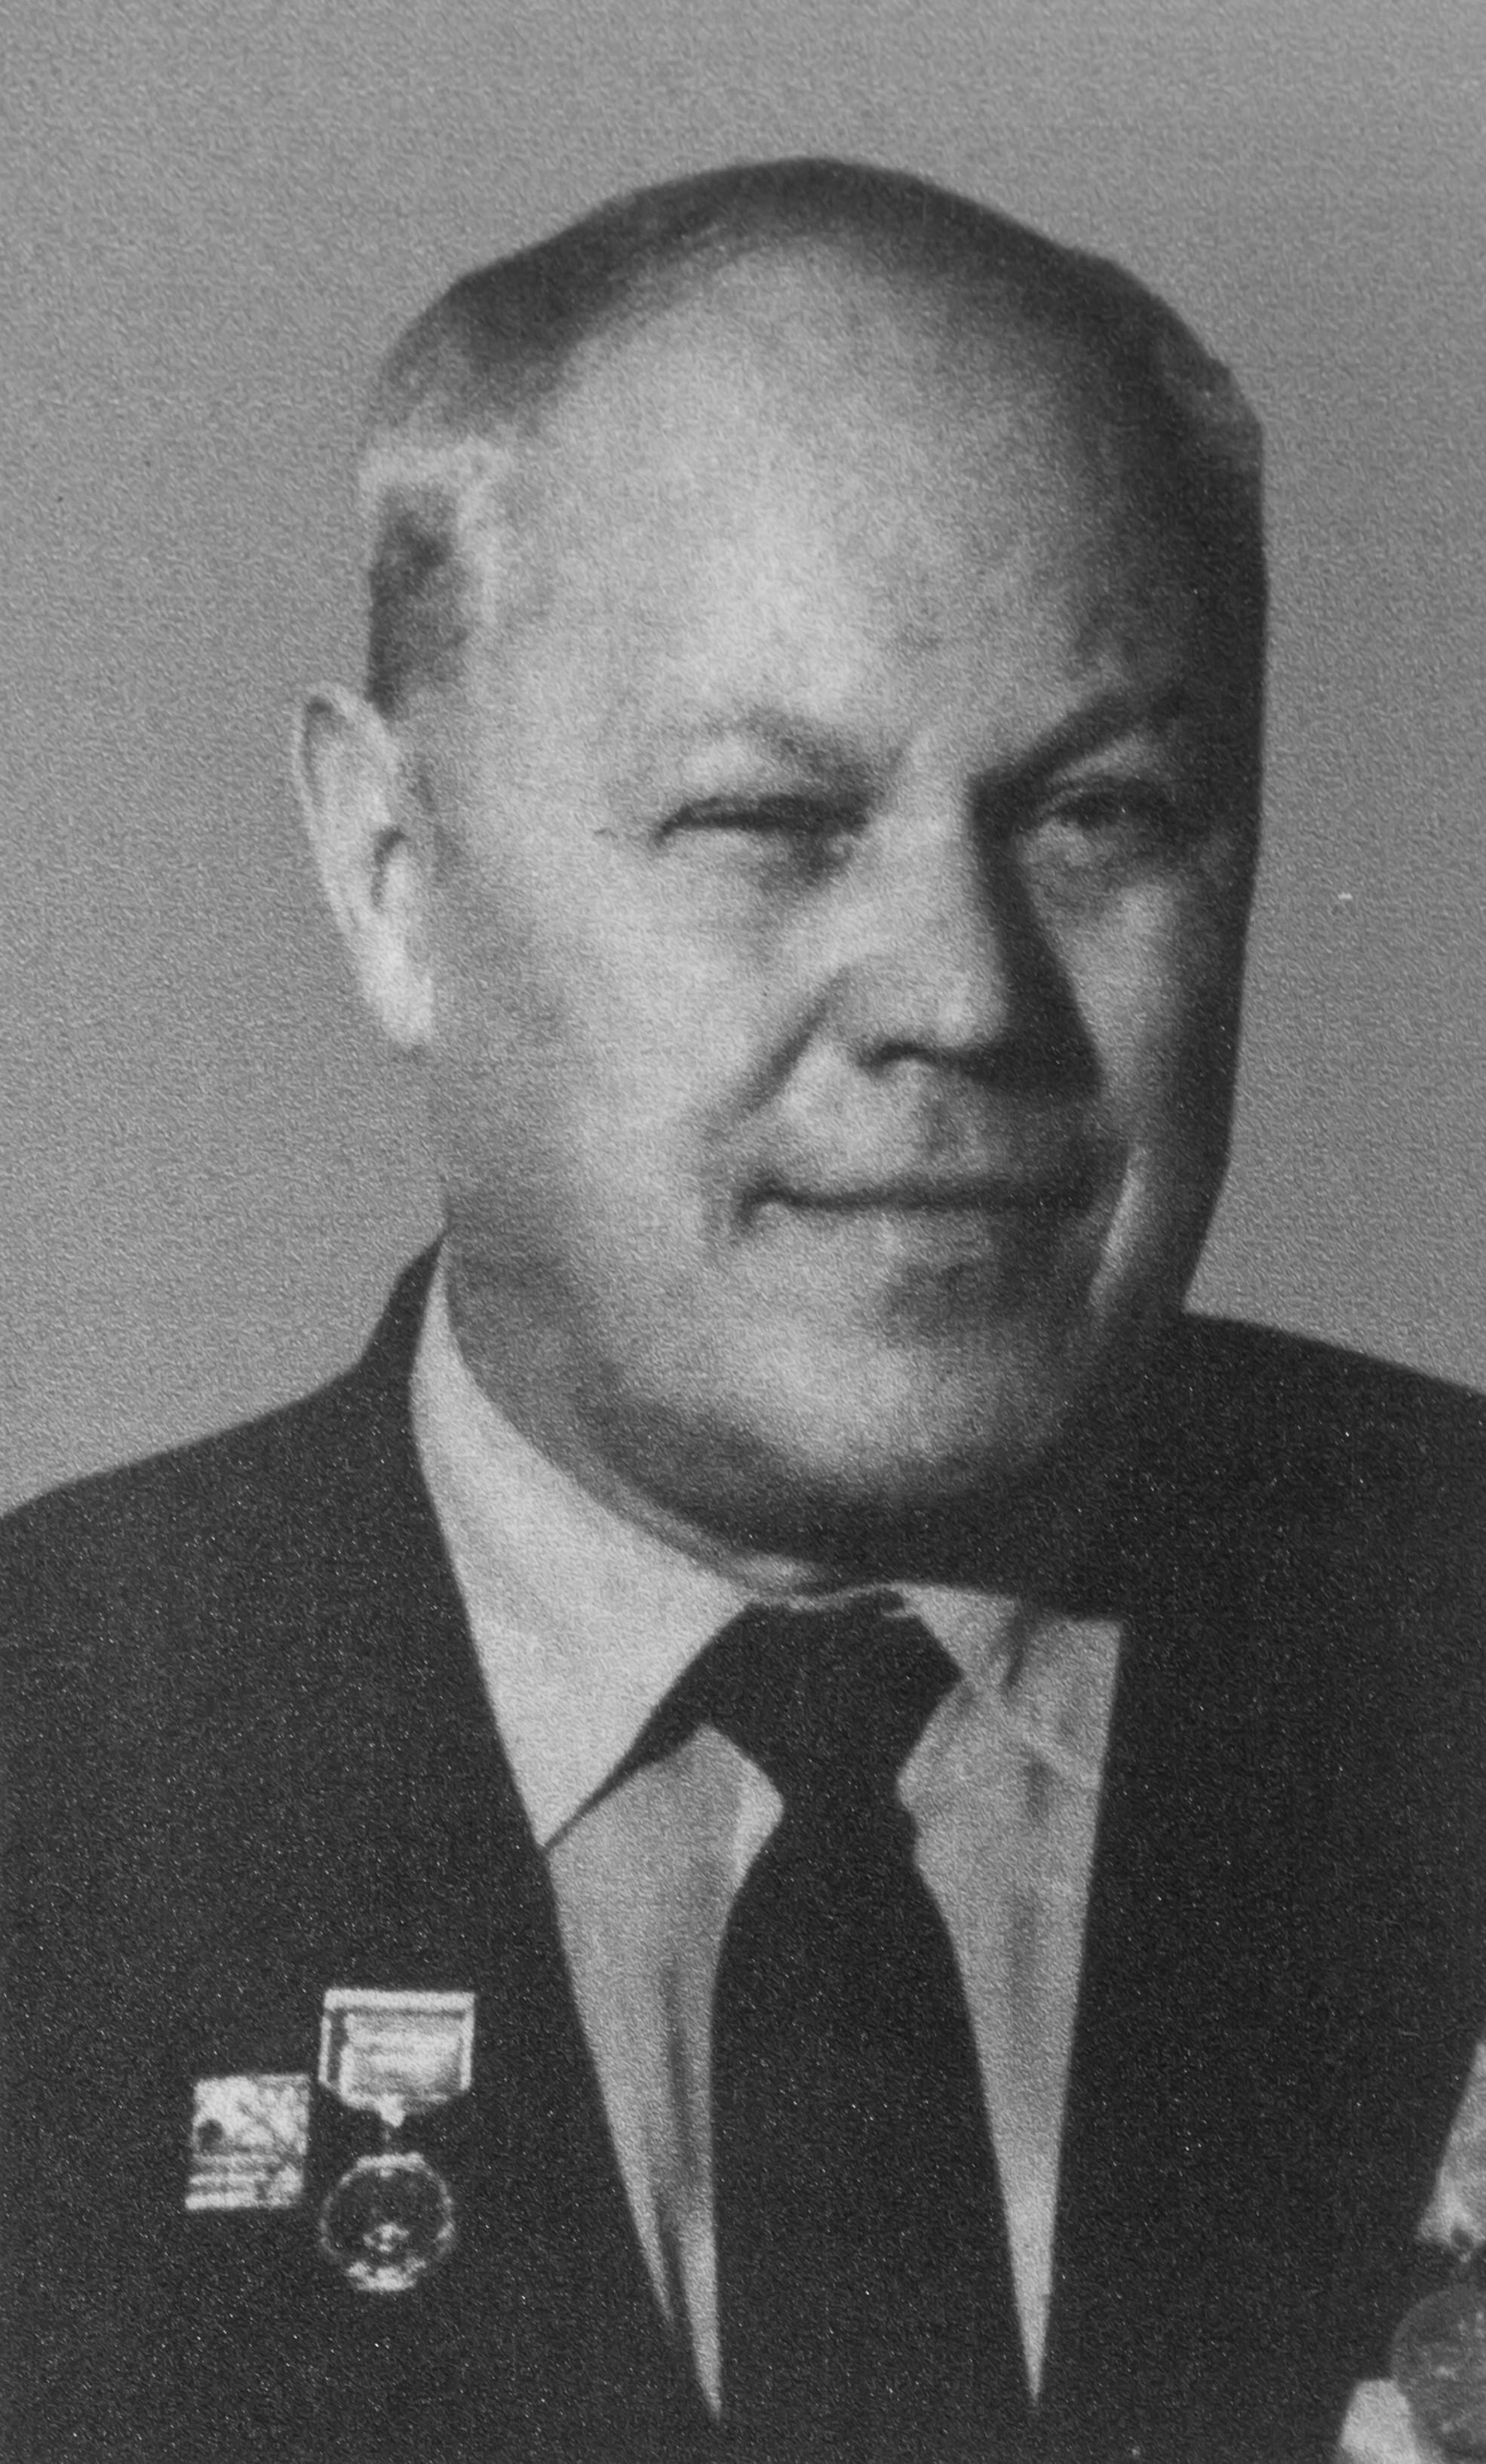 Сокольников Юрген Петрович